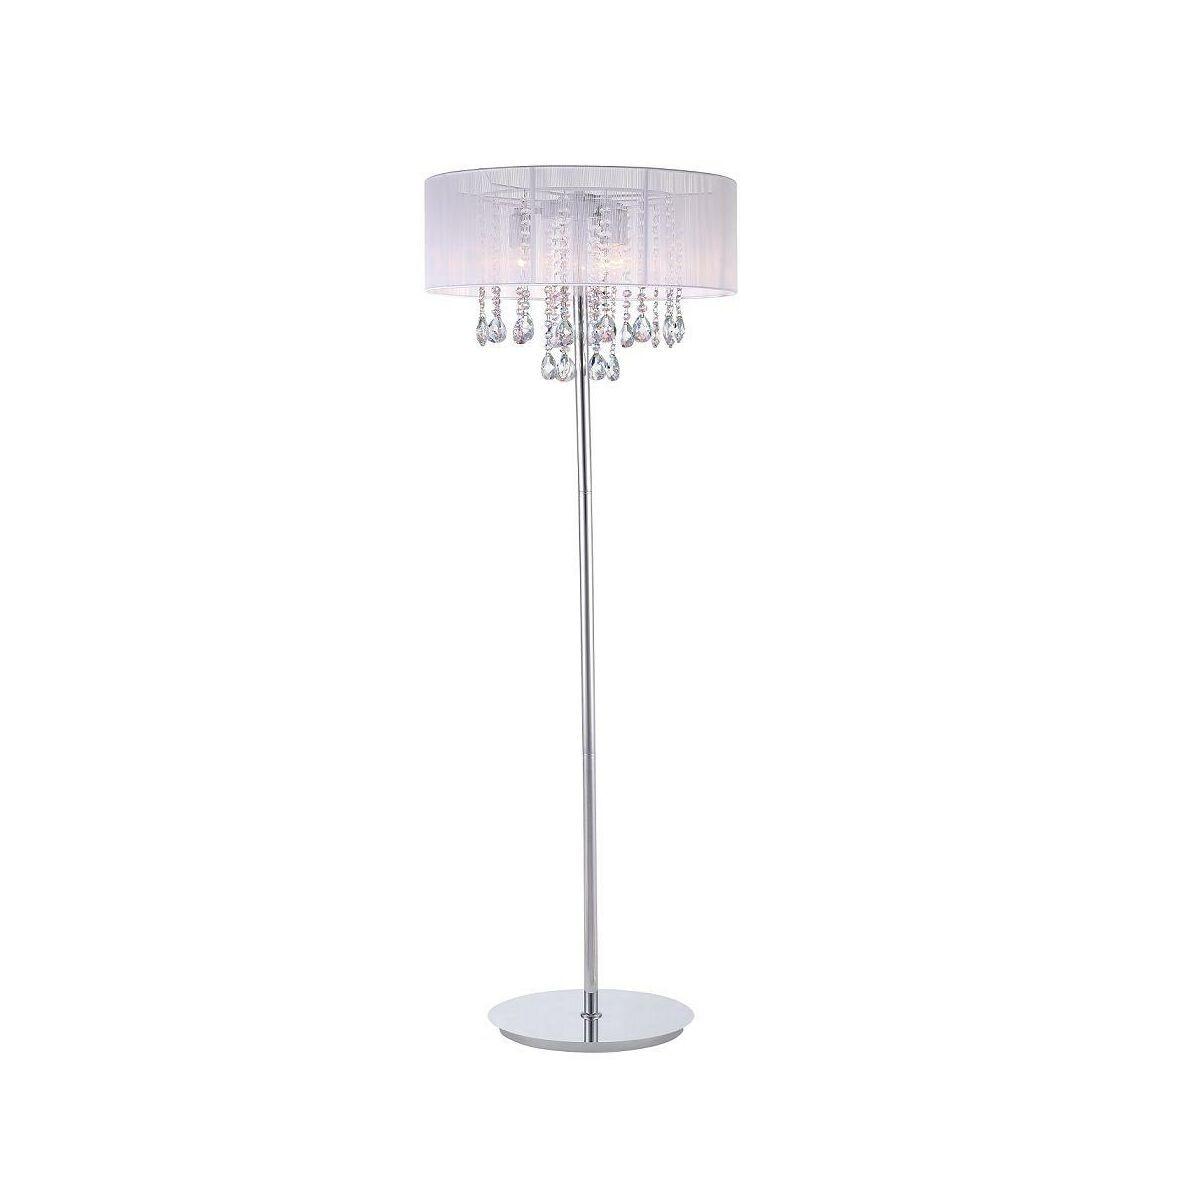 lampy podłogowe ozdobne